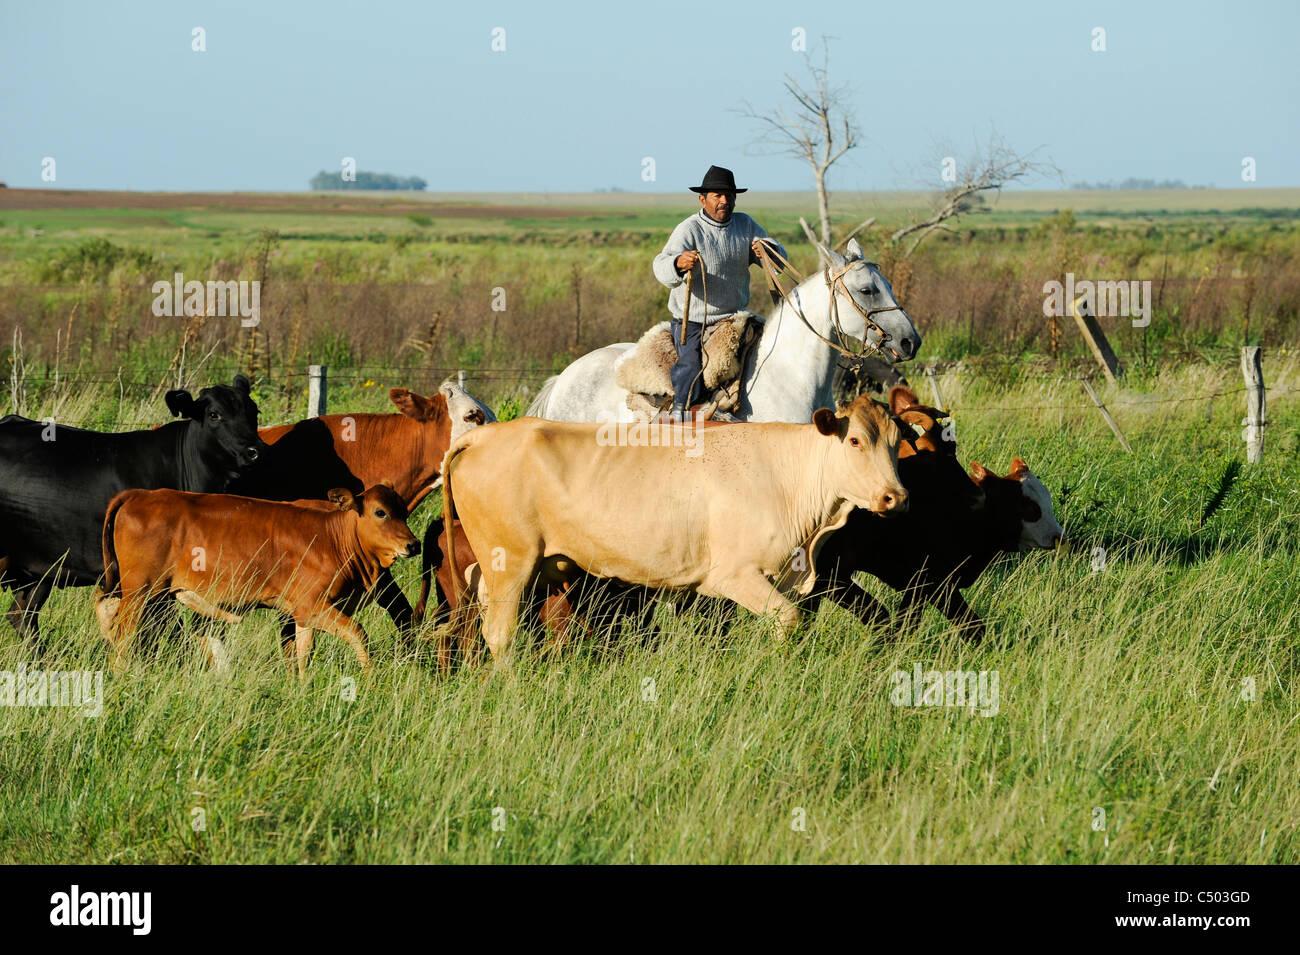 Tacuarembo, Uruguay - hato lechero y gaucho a caballo. Imagen De Stock